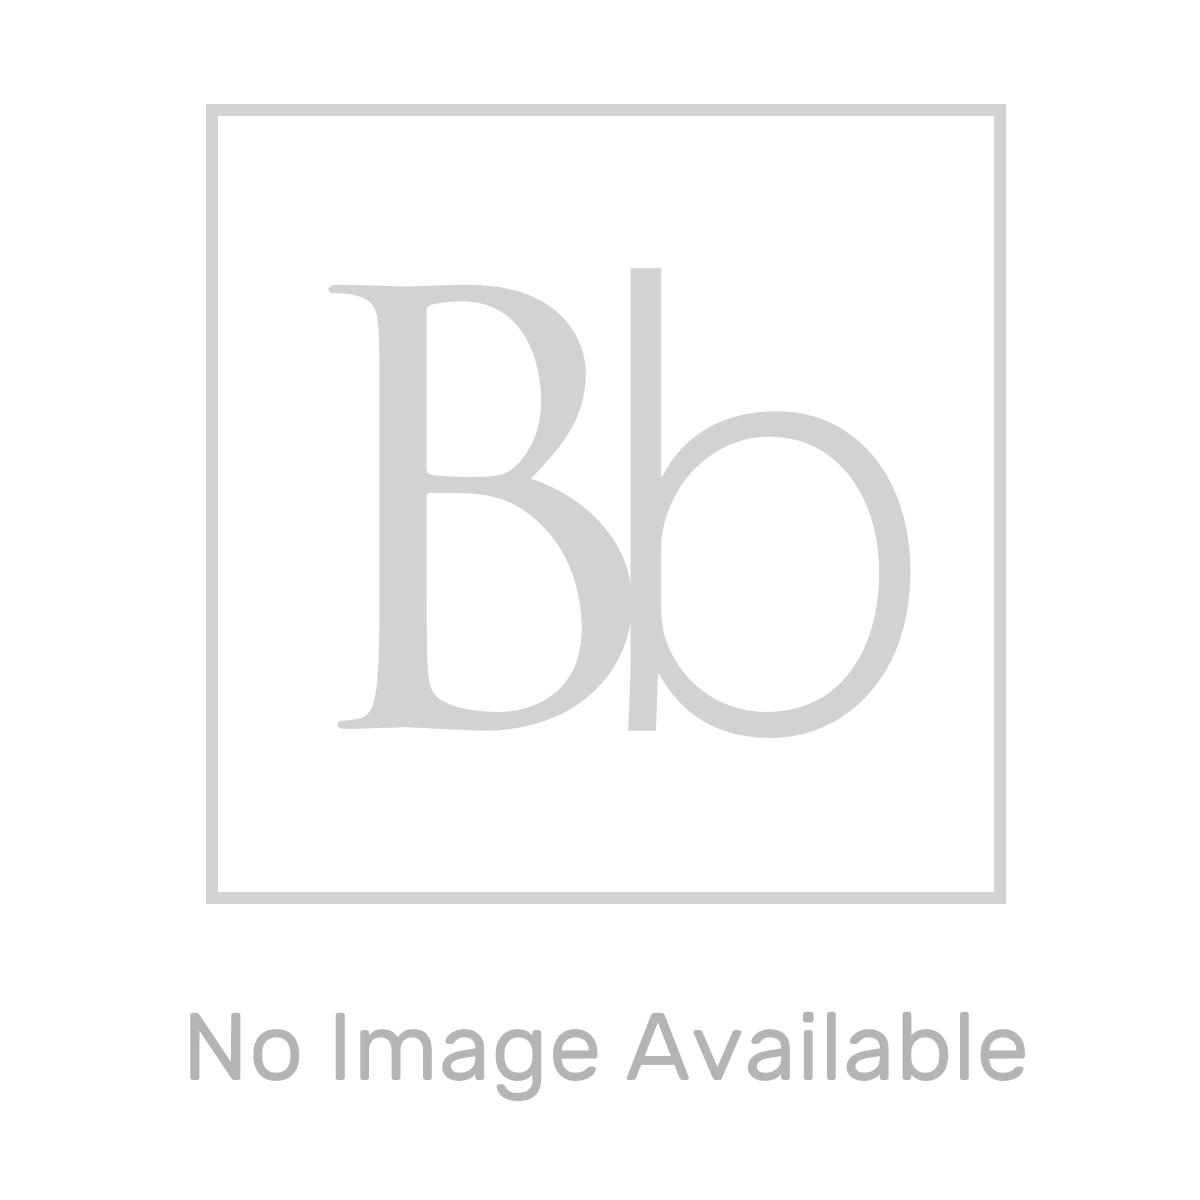 Frontline Slimline Rectangular Shower Tray 1600 x 900mm